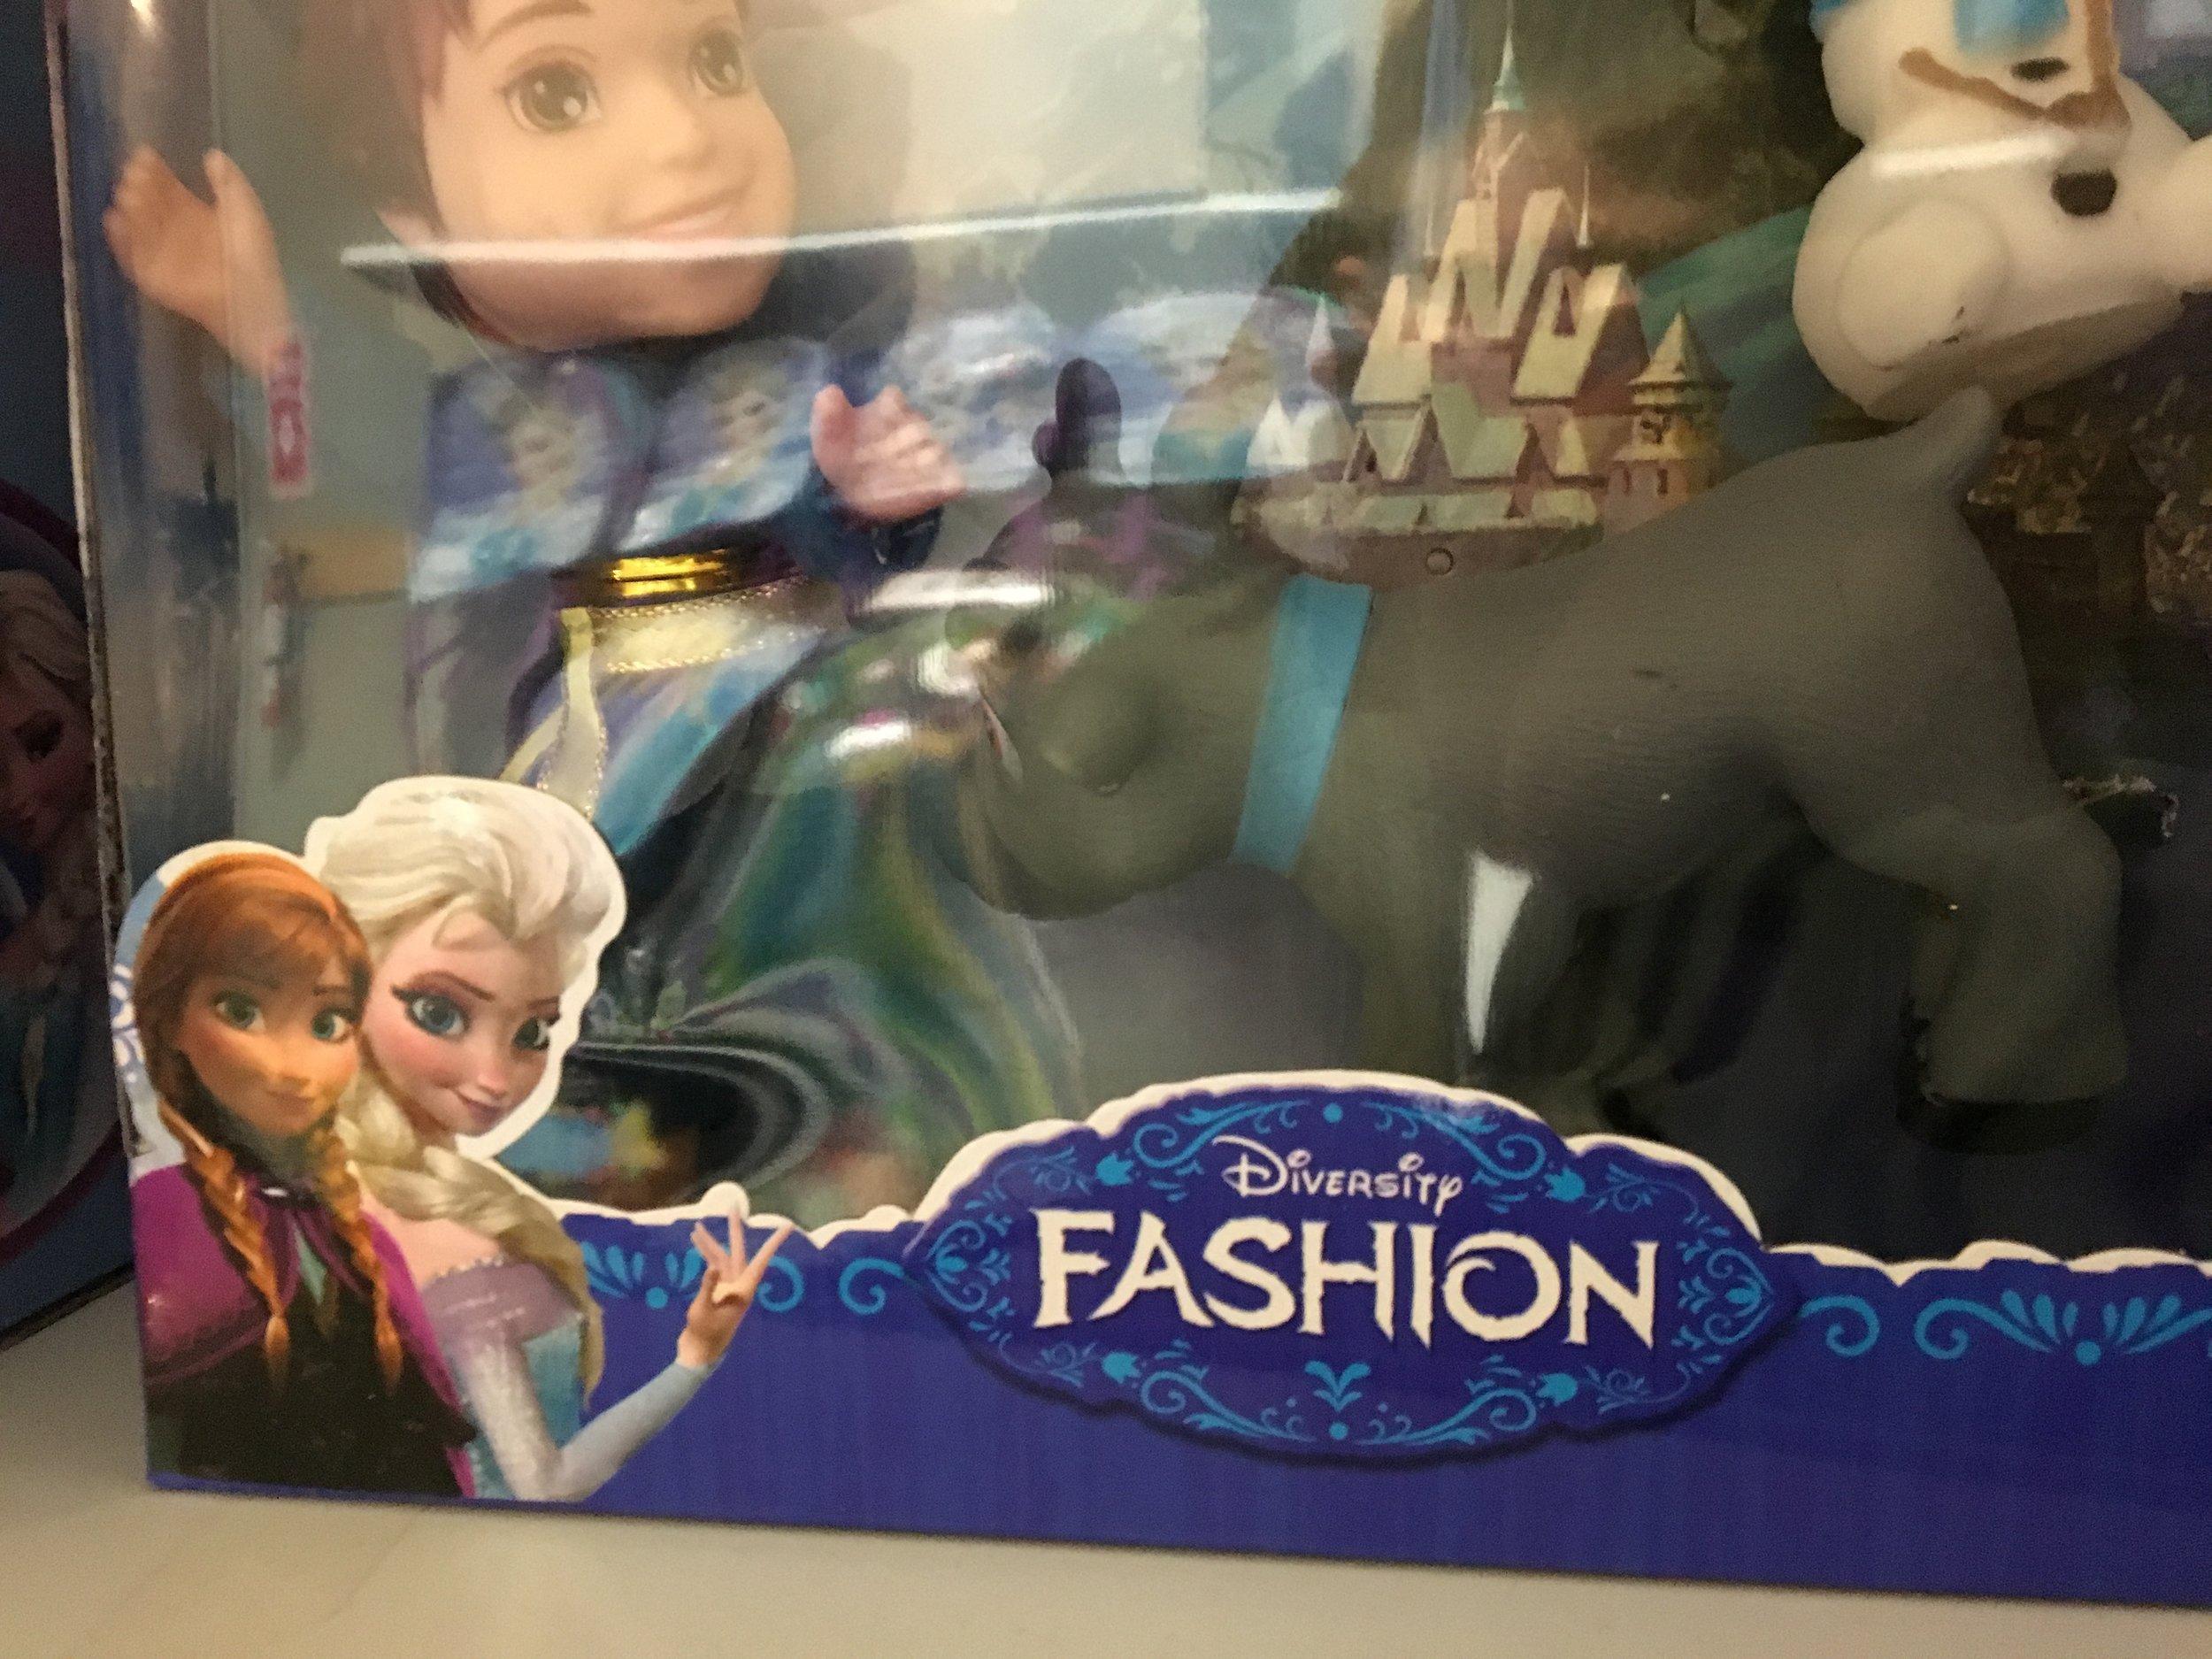 It's not Disney Frozen, it's Diversity Fashion!